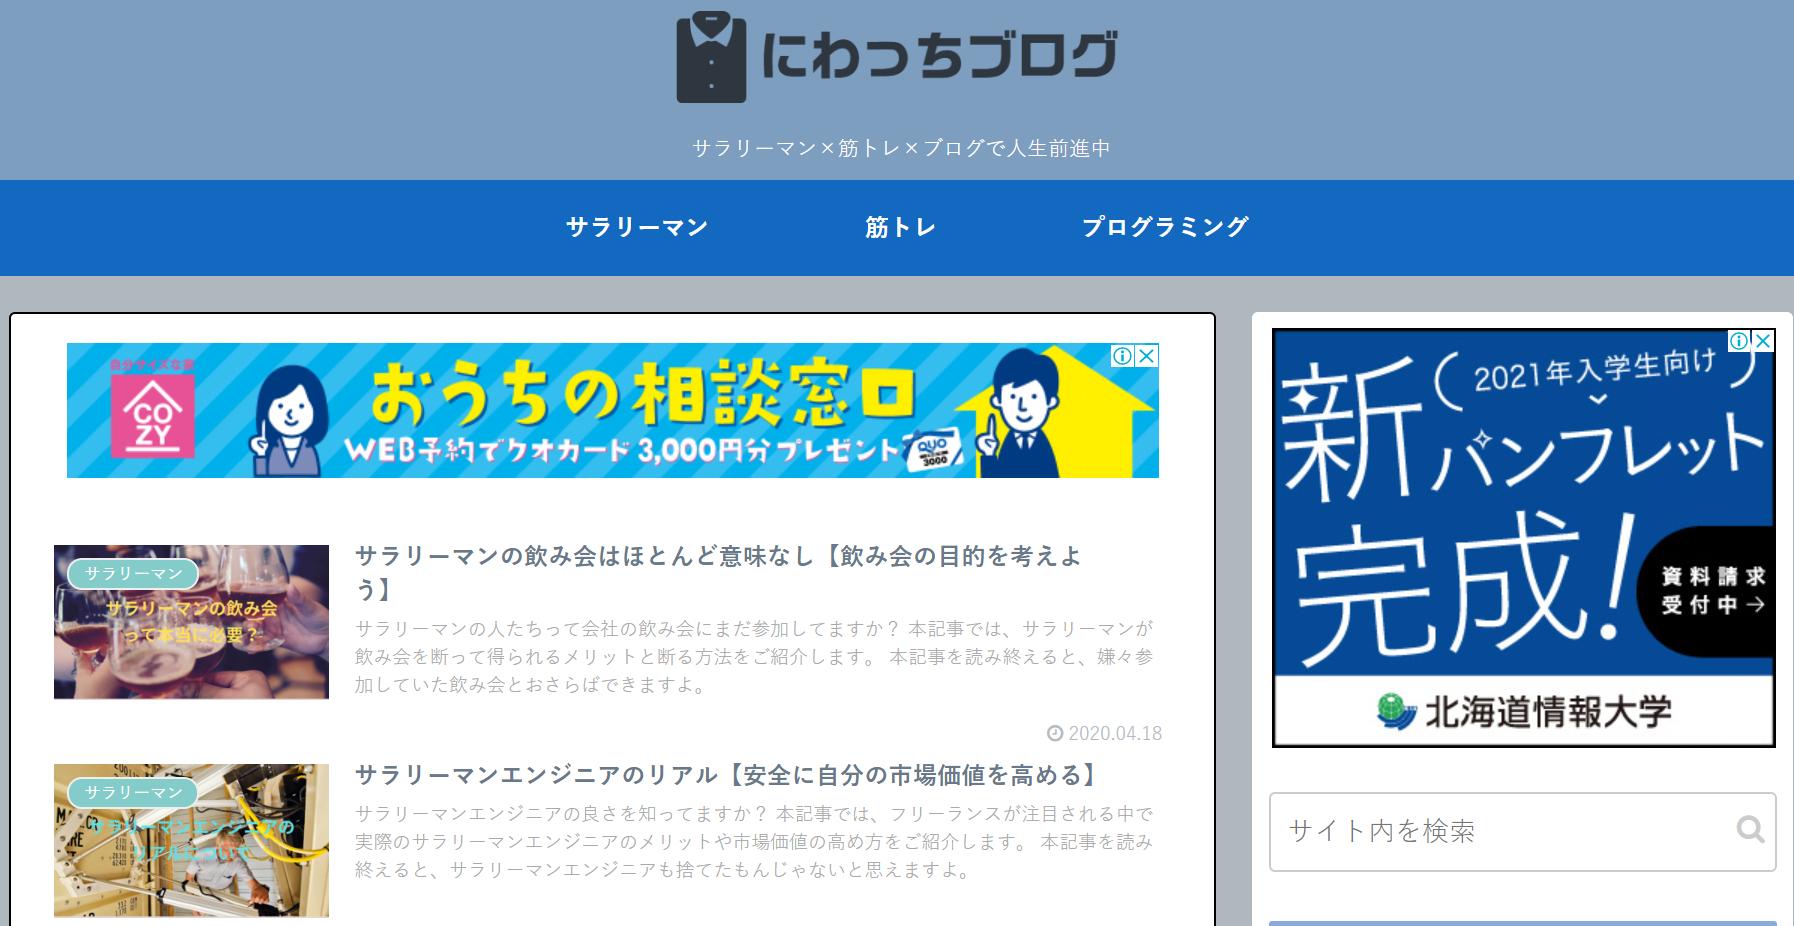 にわっちブログ